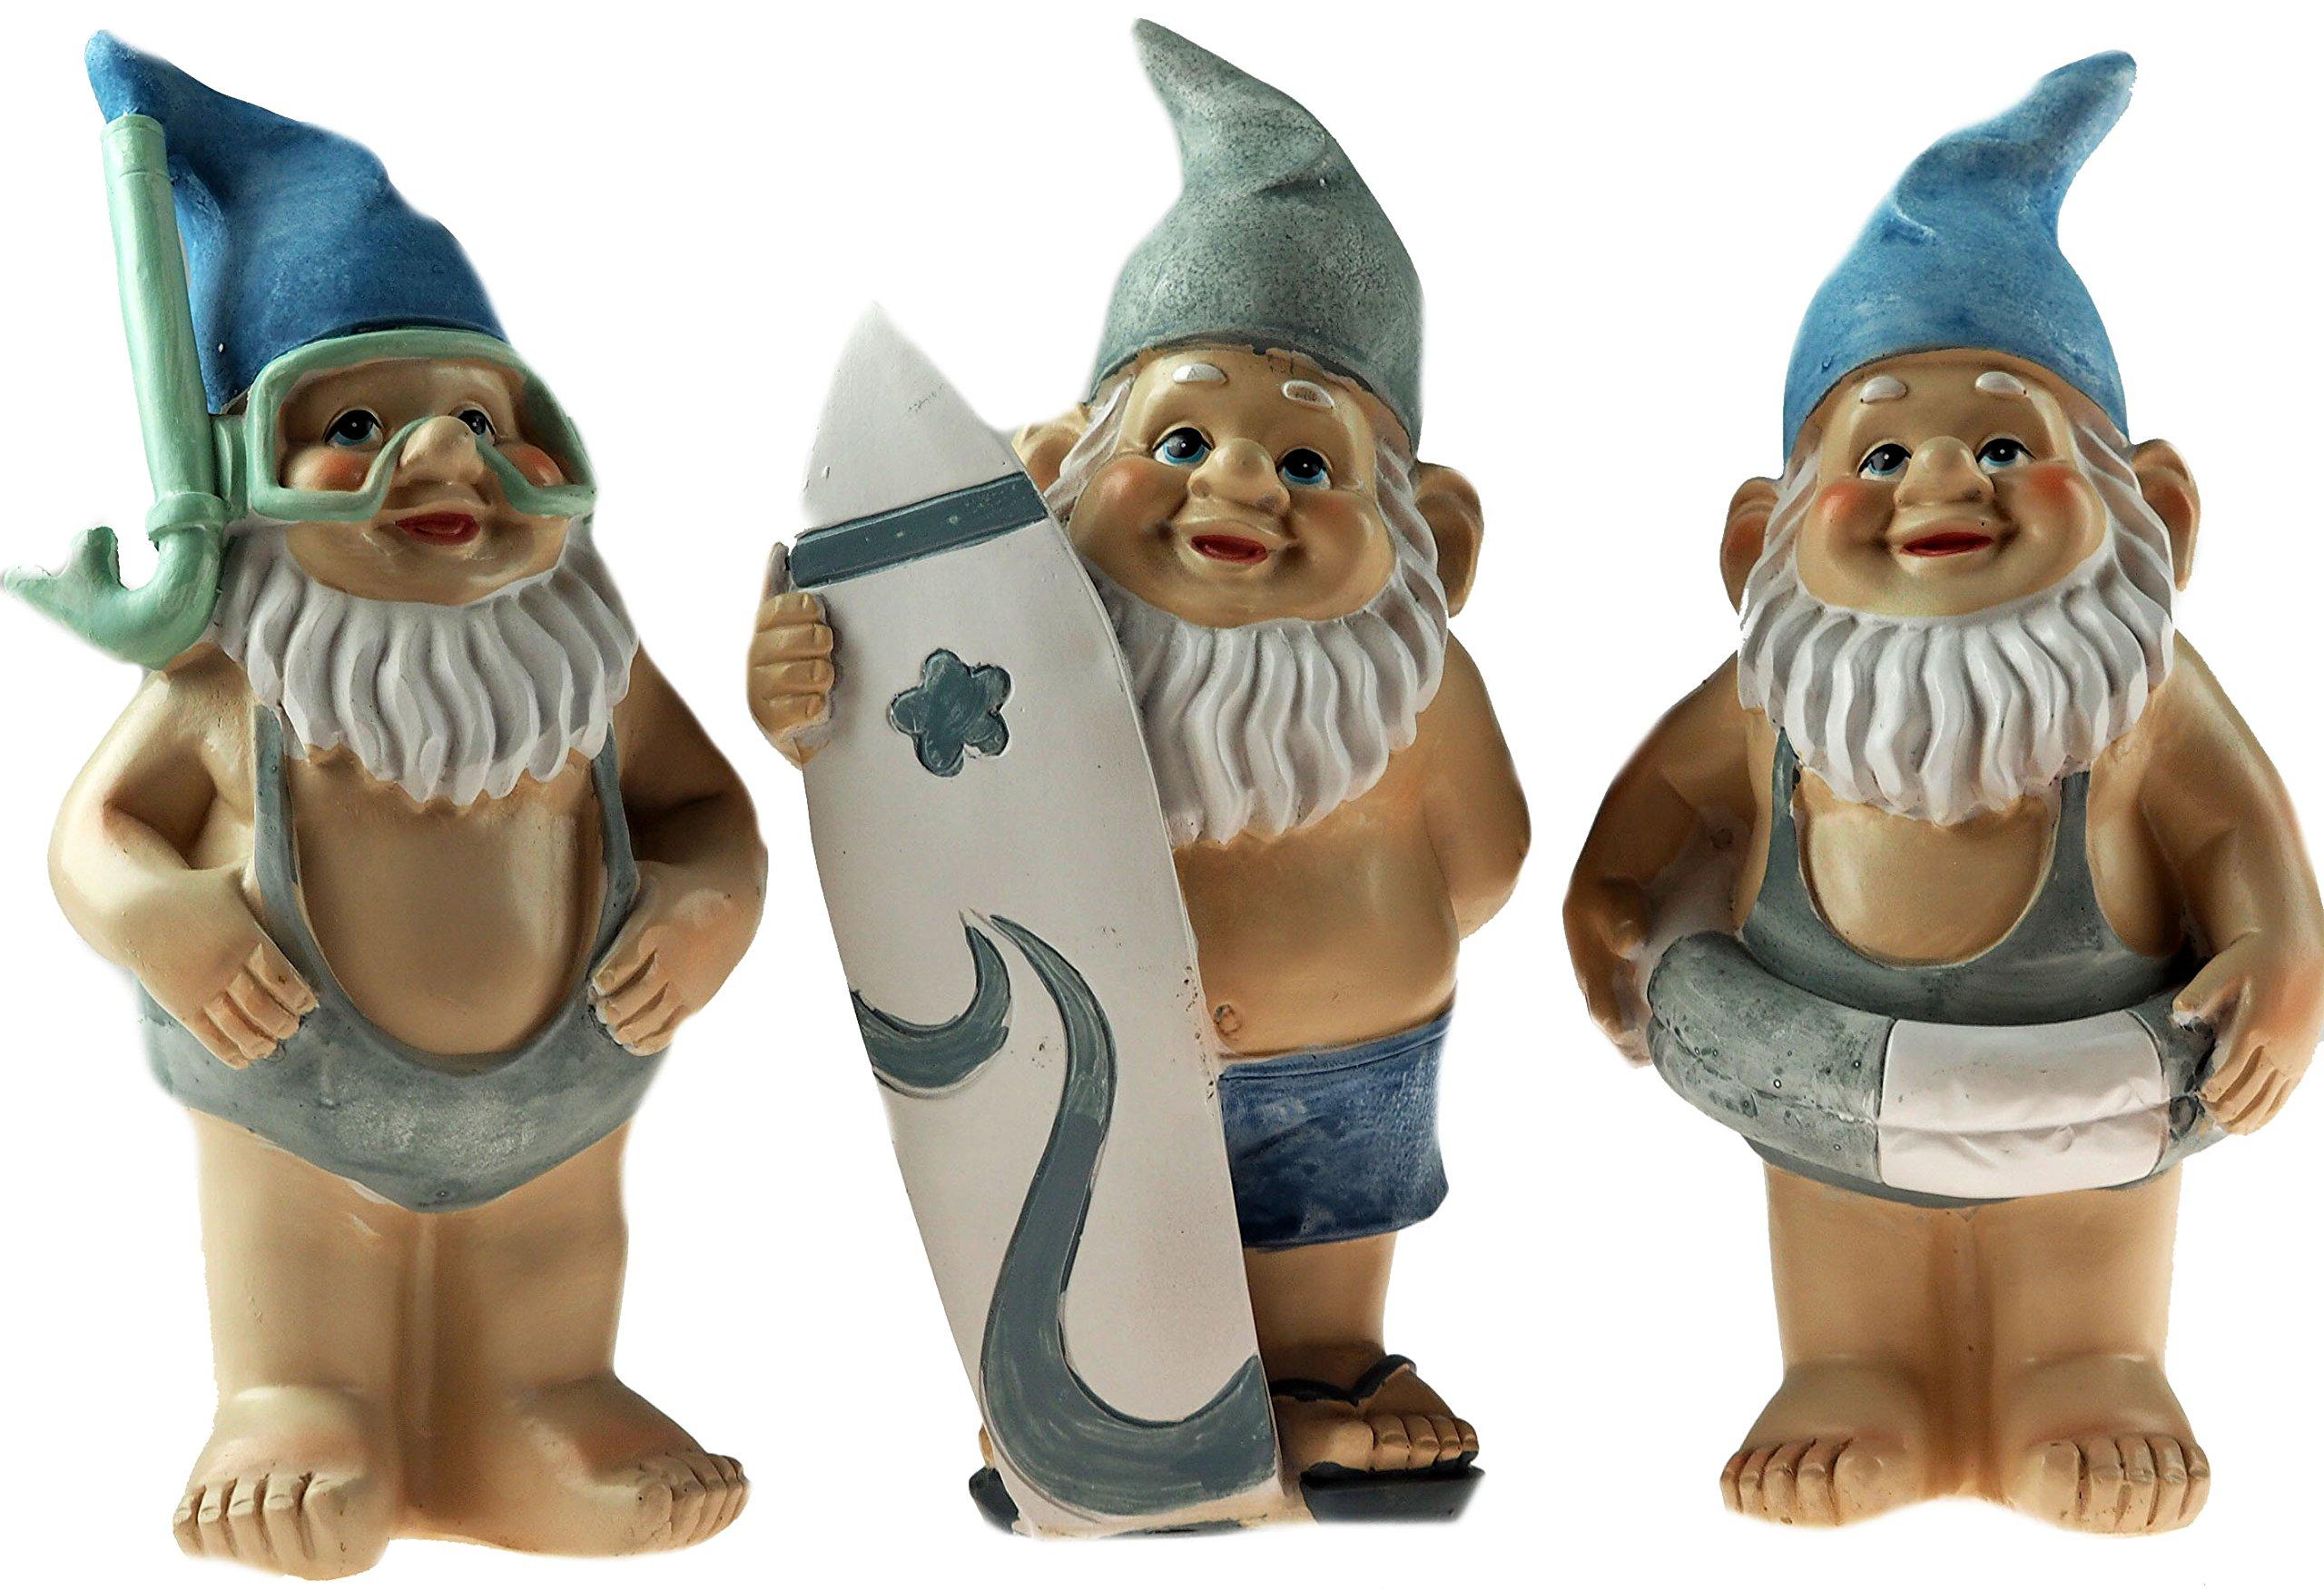 BWG Juego de 3 Figuras Decorativas de gnomo de Jardín DE 18 cm, Color Azul – Mankini, Surf, Anillo: Amazon.es: Hogar